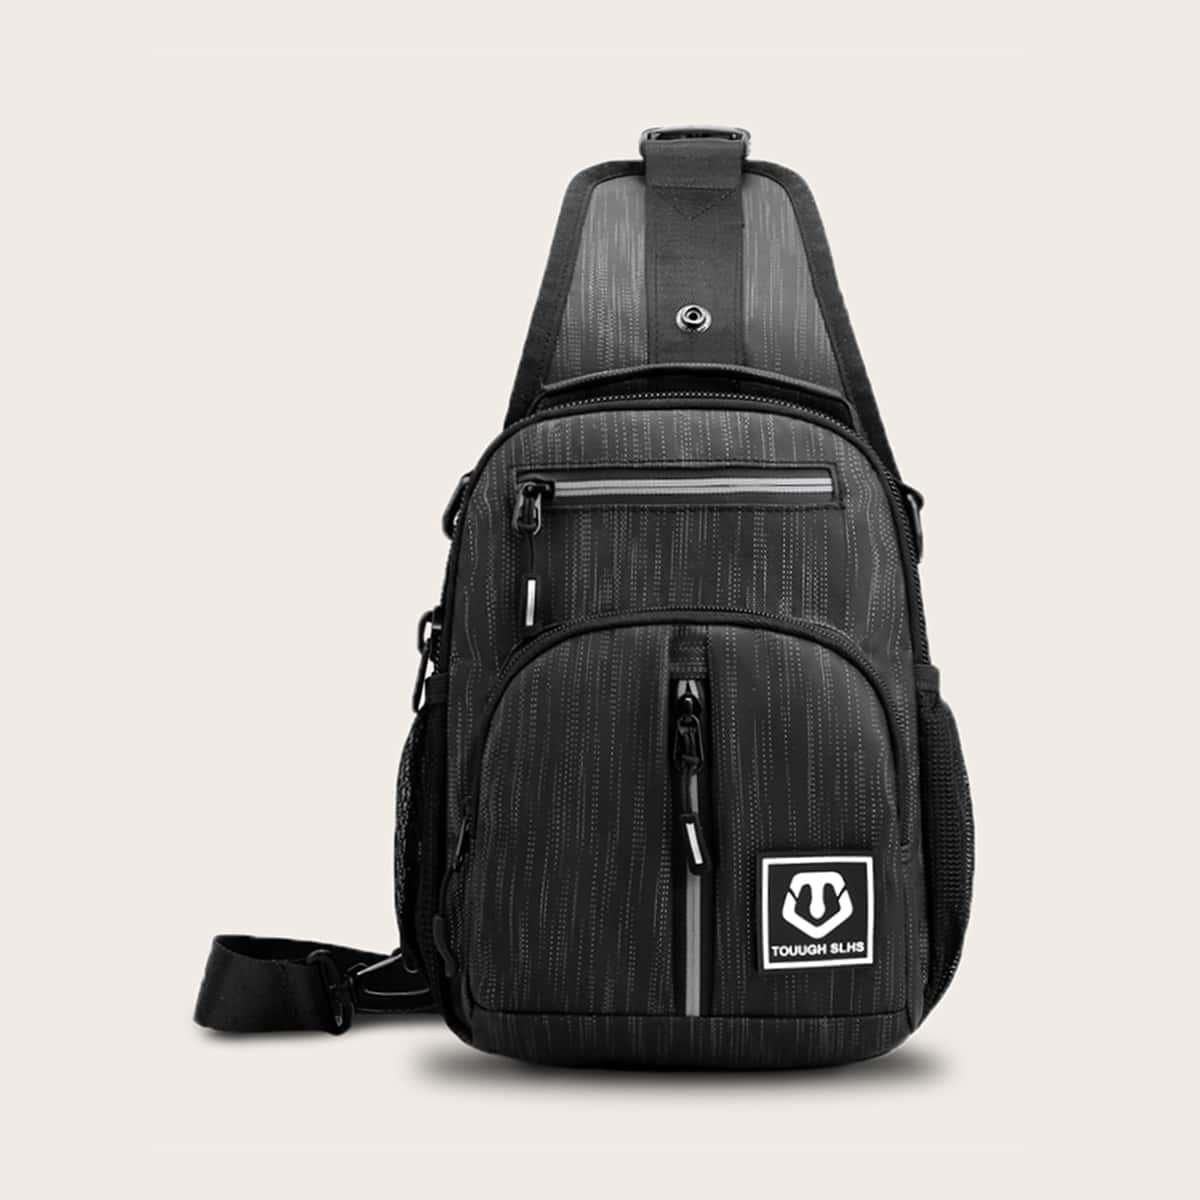 Verplaatsbare schoudertas met dubbele rits voor heren